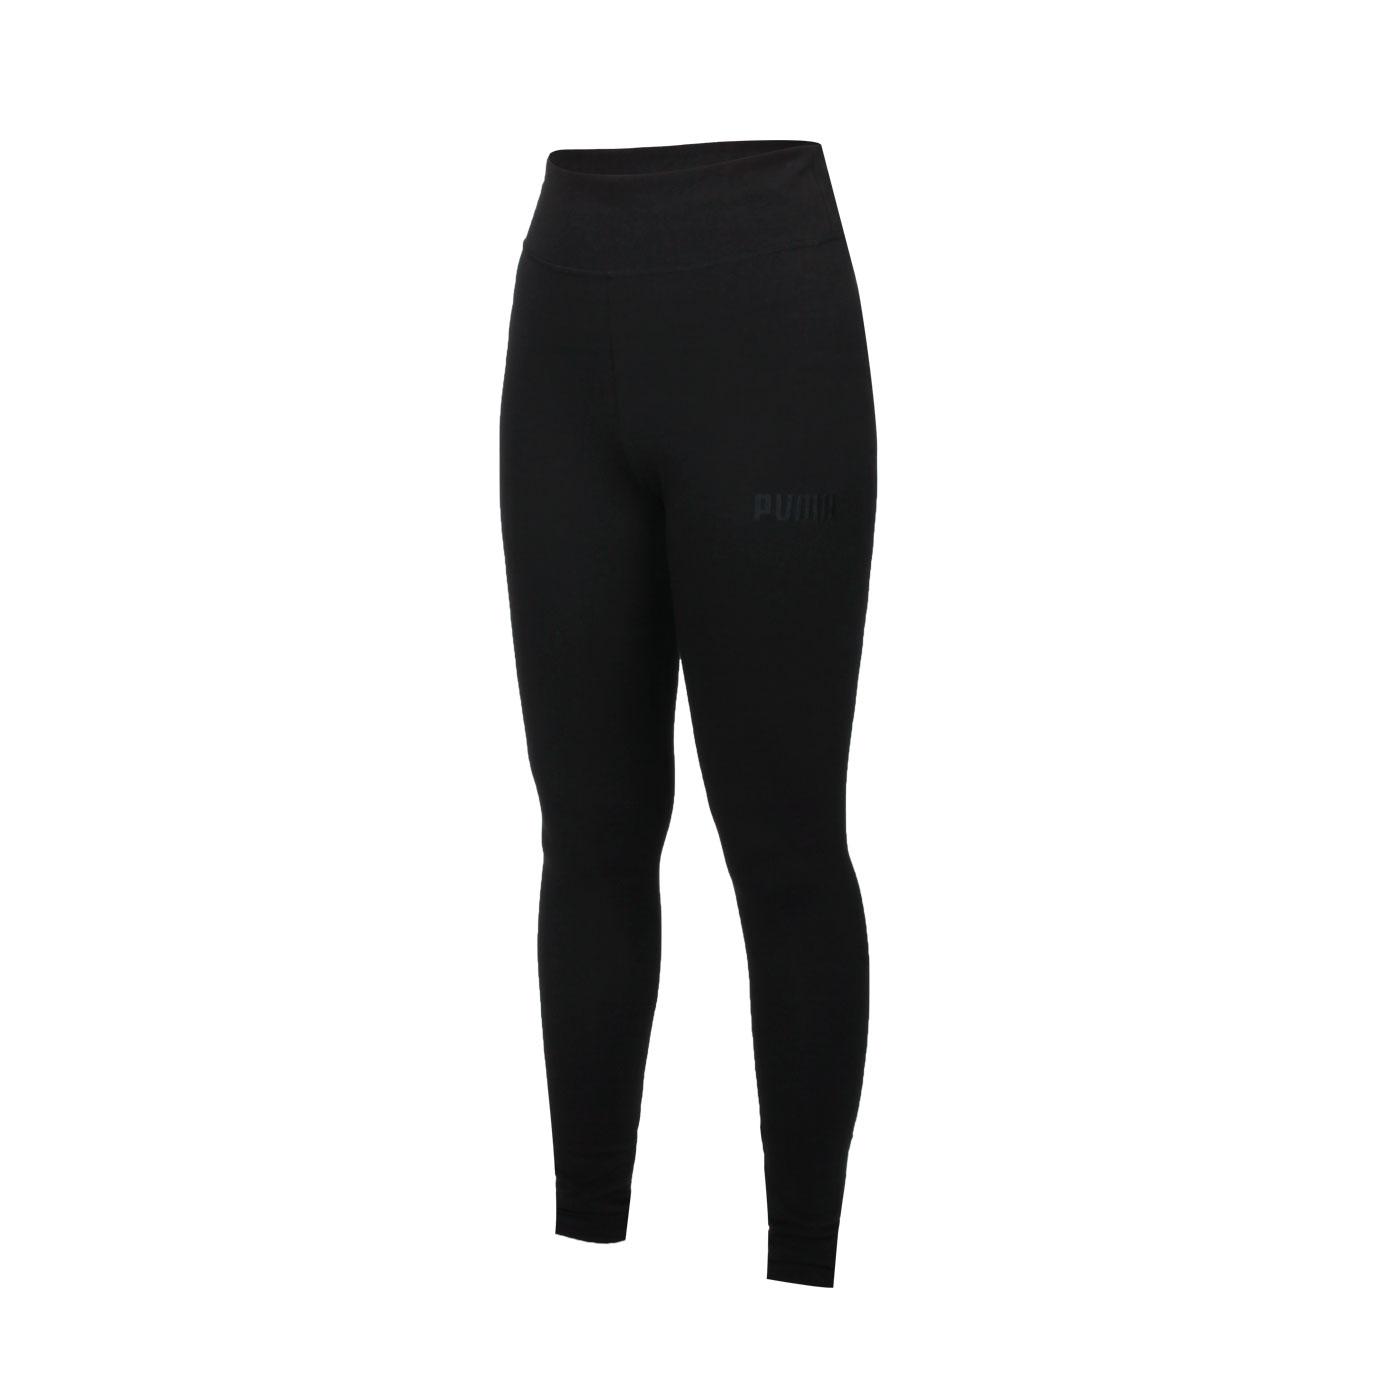 PUMA 女款基本系列HER緊身長褲 58952301 - 黑